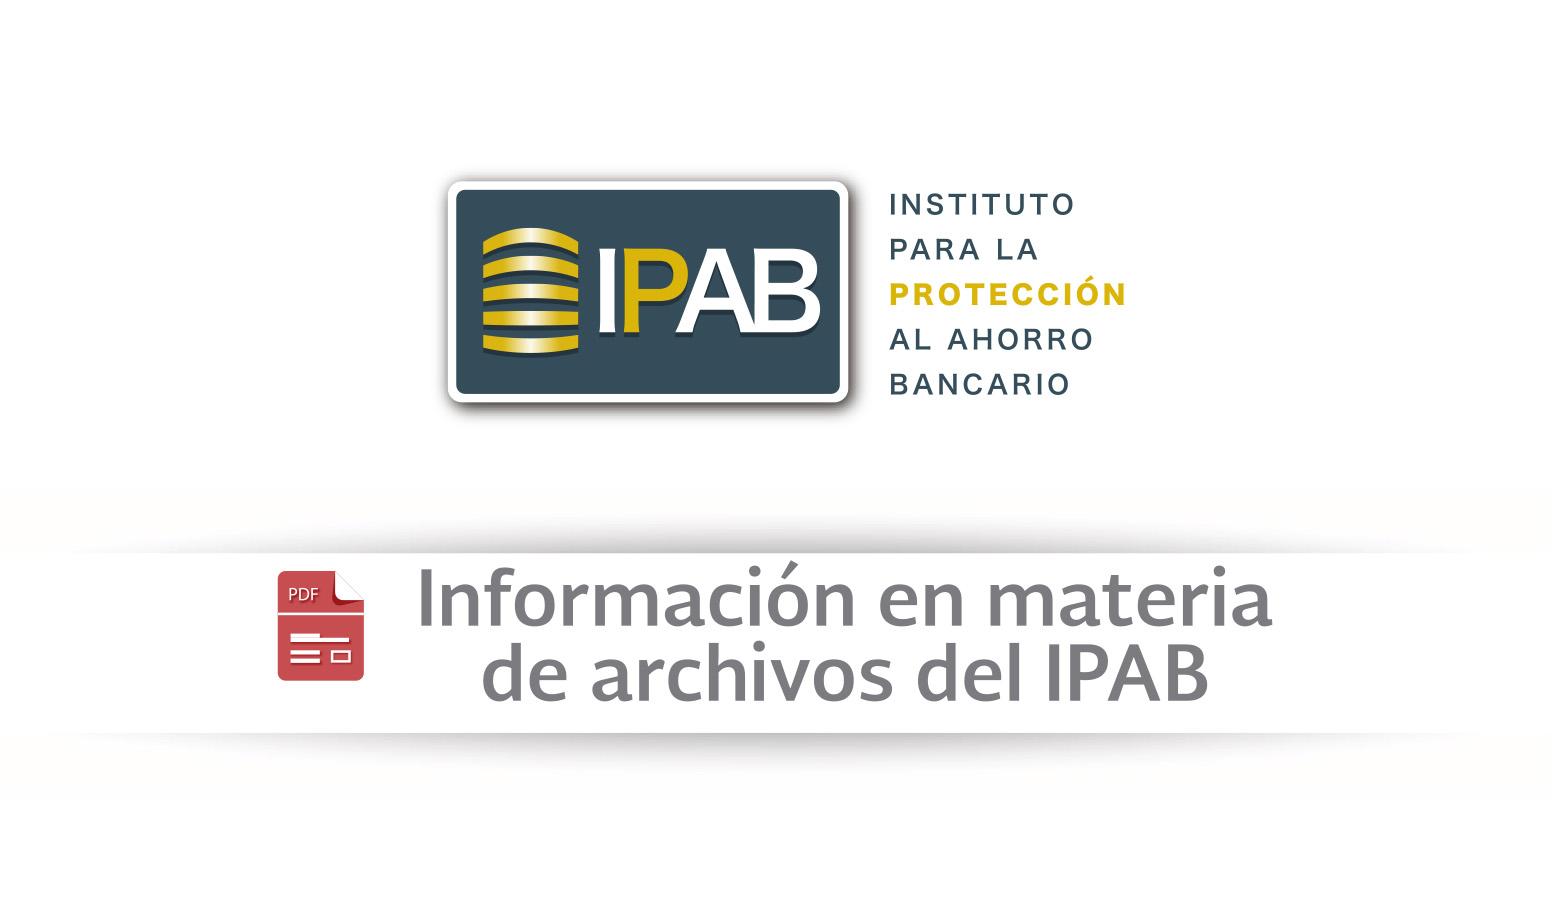 Información en materia de archivos del IPAB.